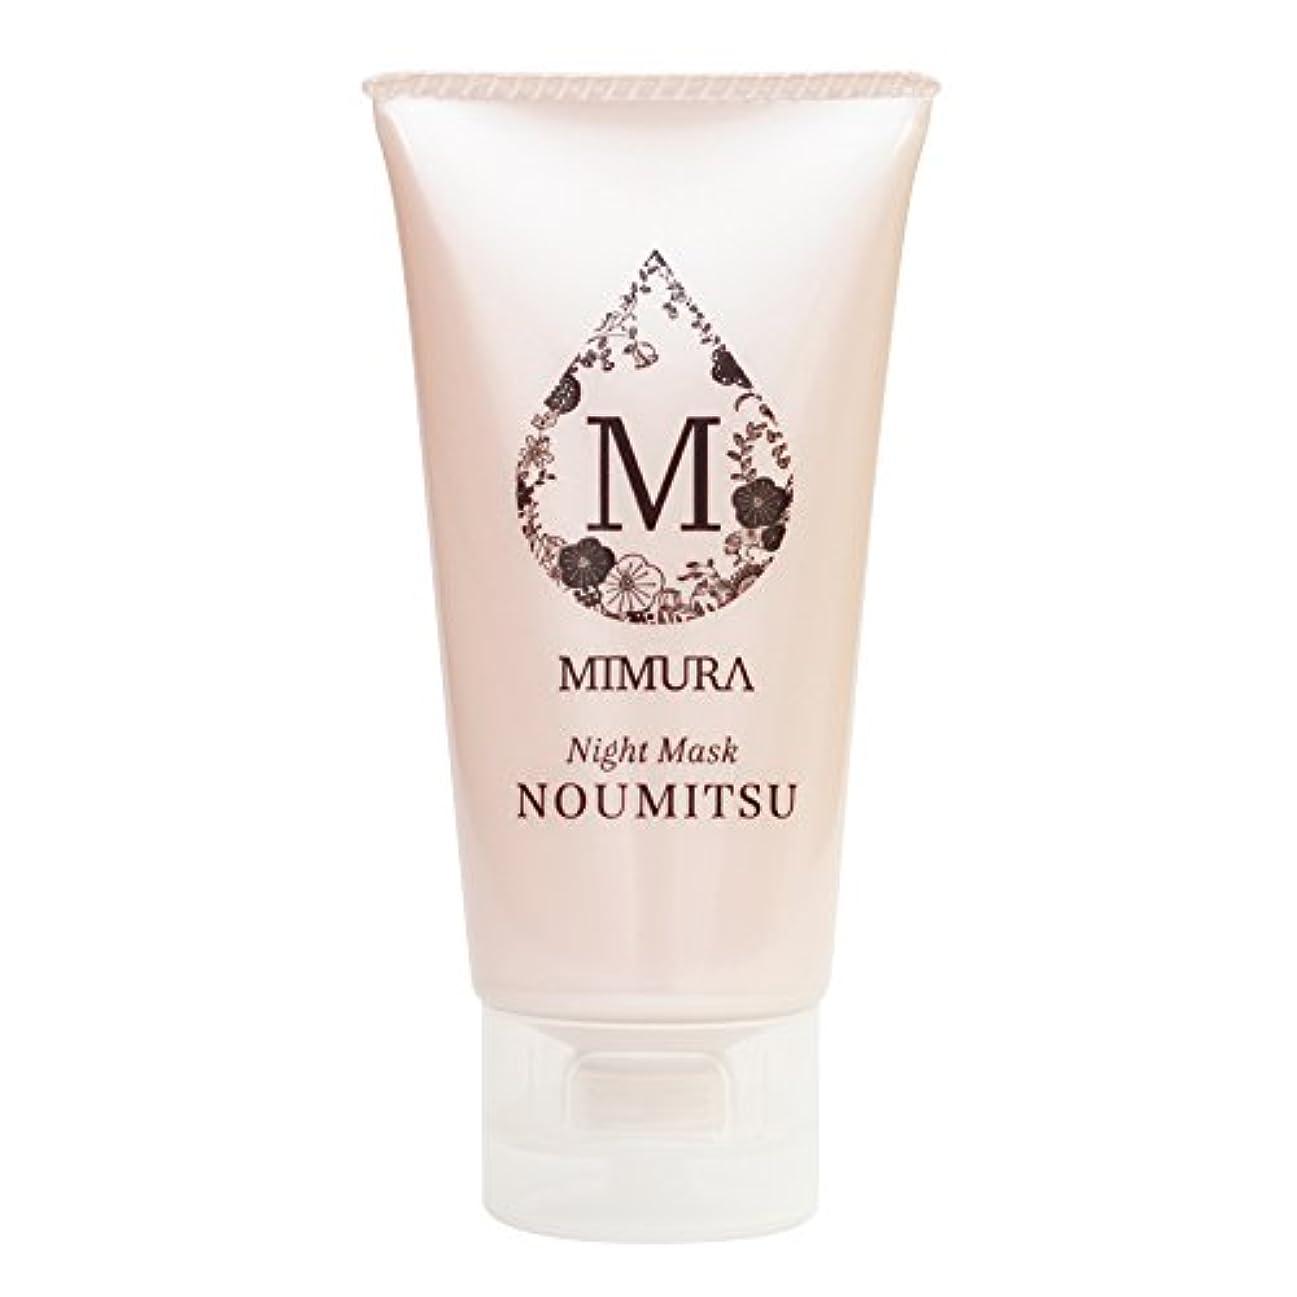 作曲する記憶に残る権威ナイトケアクリーム 保湿 顔 用 ミムラ ナイトマスク NOUMITSU 48g MIMURA 乾燥肌 日本製